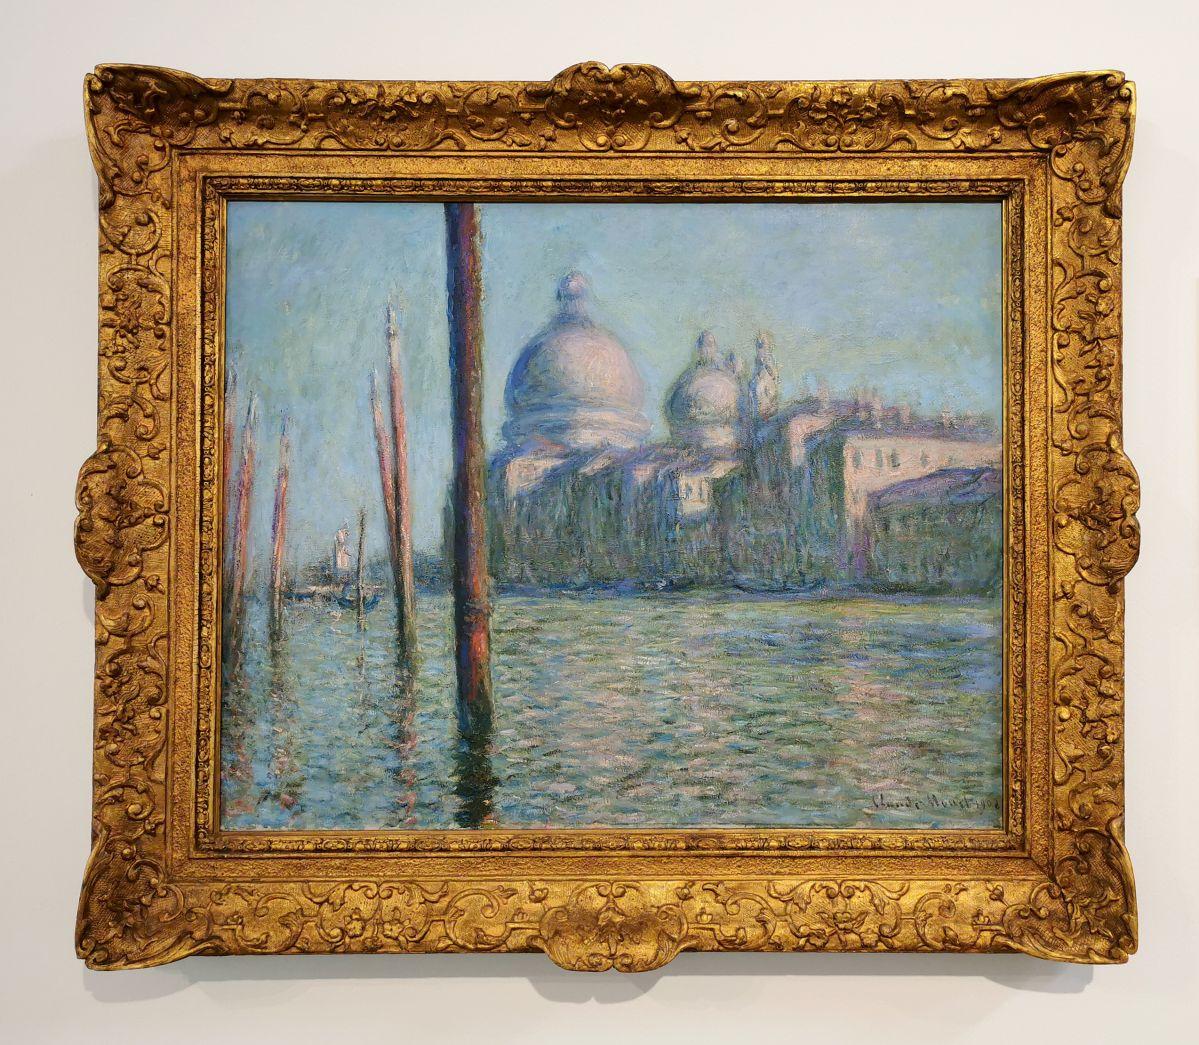 Claude Monet - Le Grand Canal, 1908 - Paul Valéry et les peintres - Le cercle amical proche - Musée Paul Valéry à Sète